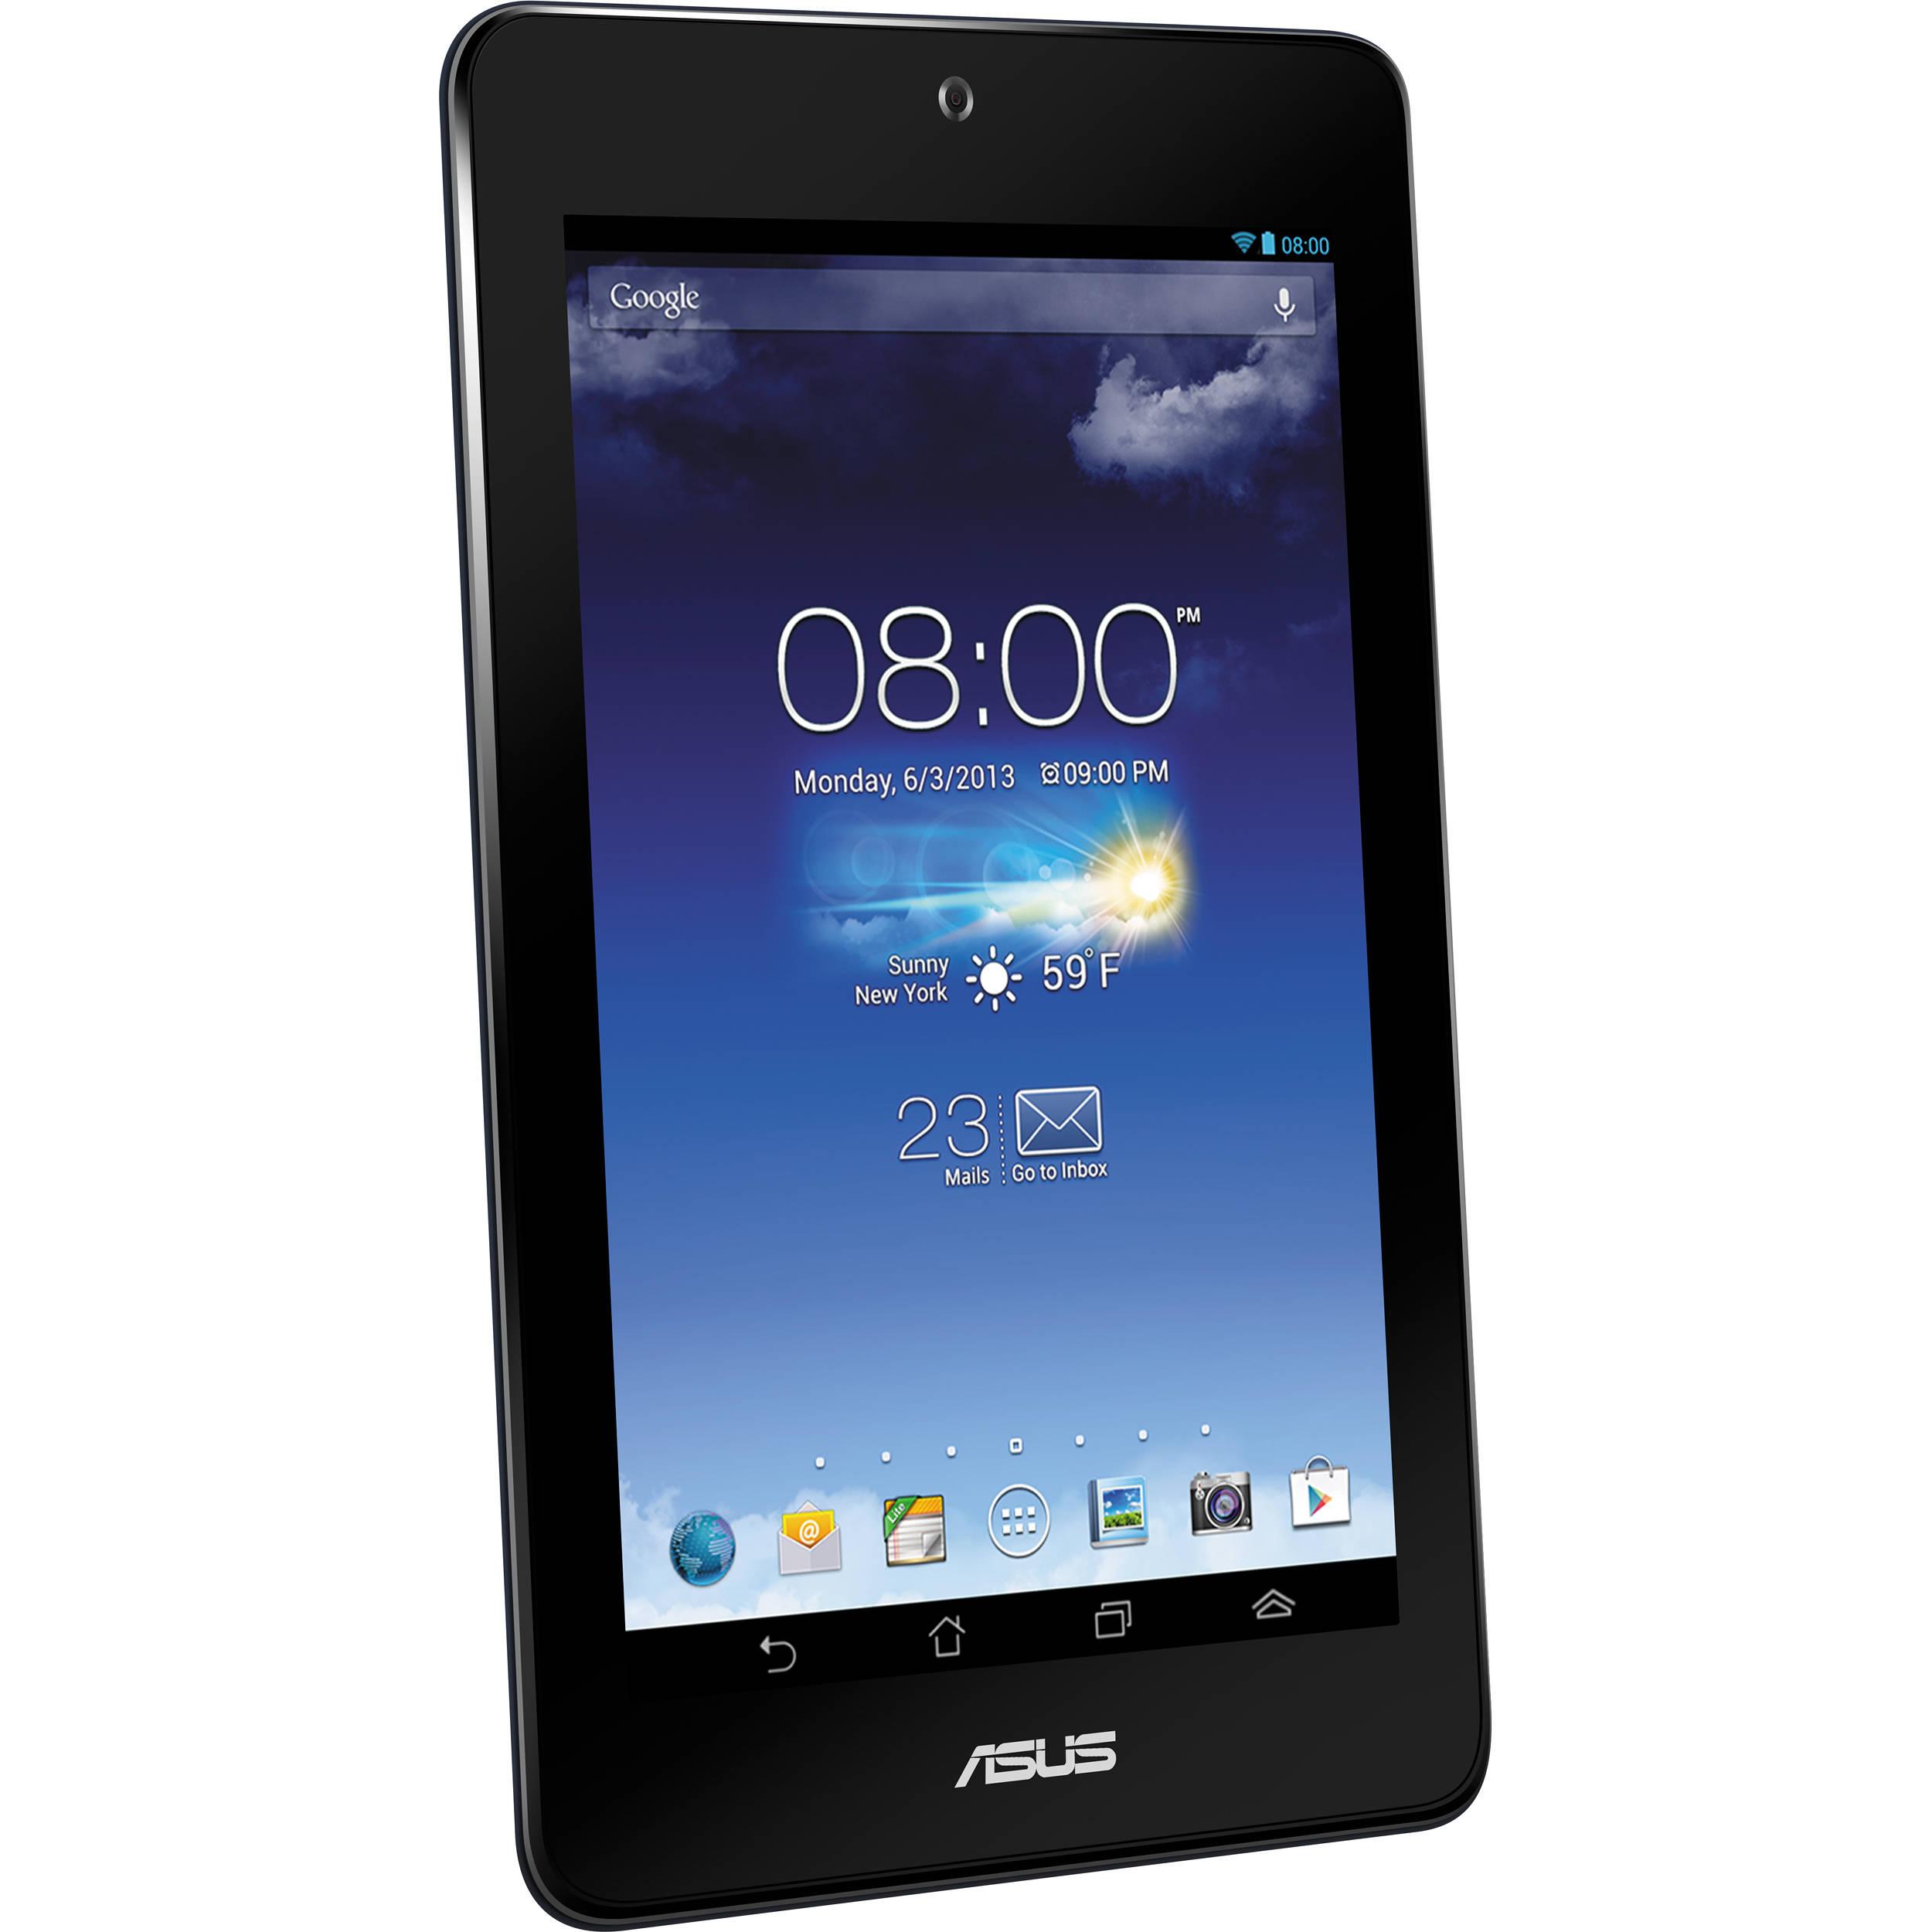 ASUS 16GB MeMO Pad HD 7 Tablet (Blue)